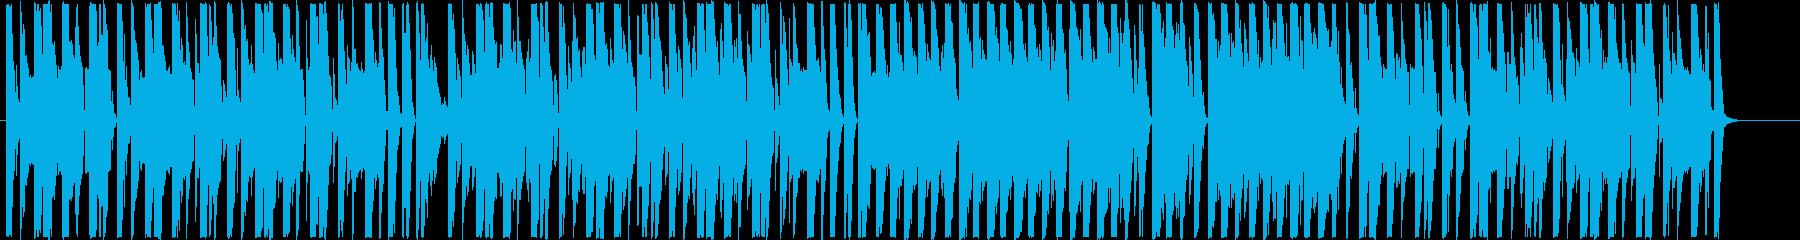 ロックマンエグゼのような室内の日常BGMの再生済みの波形